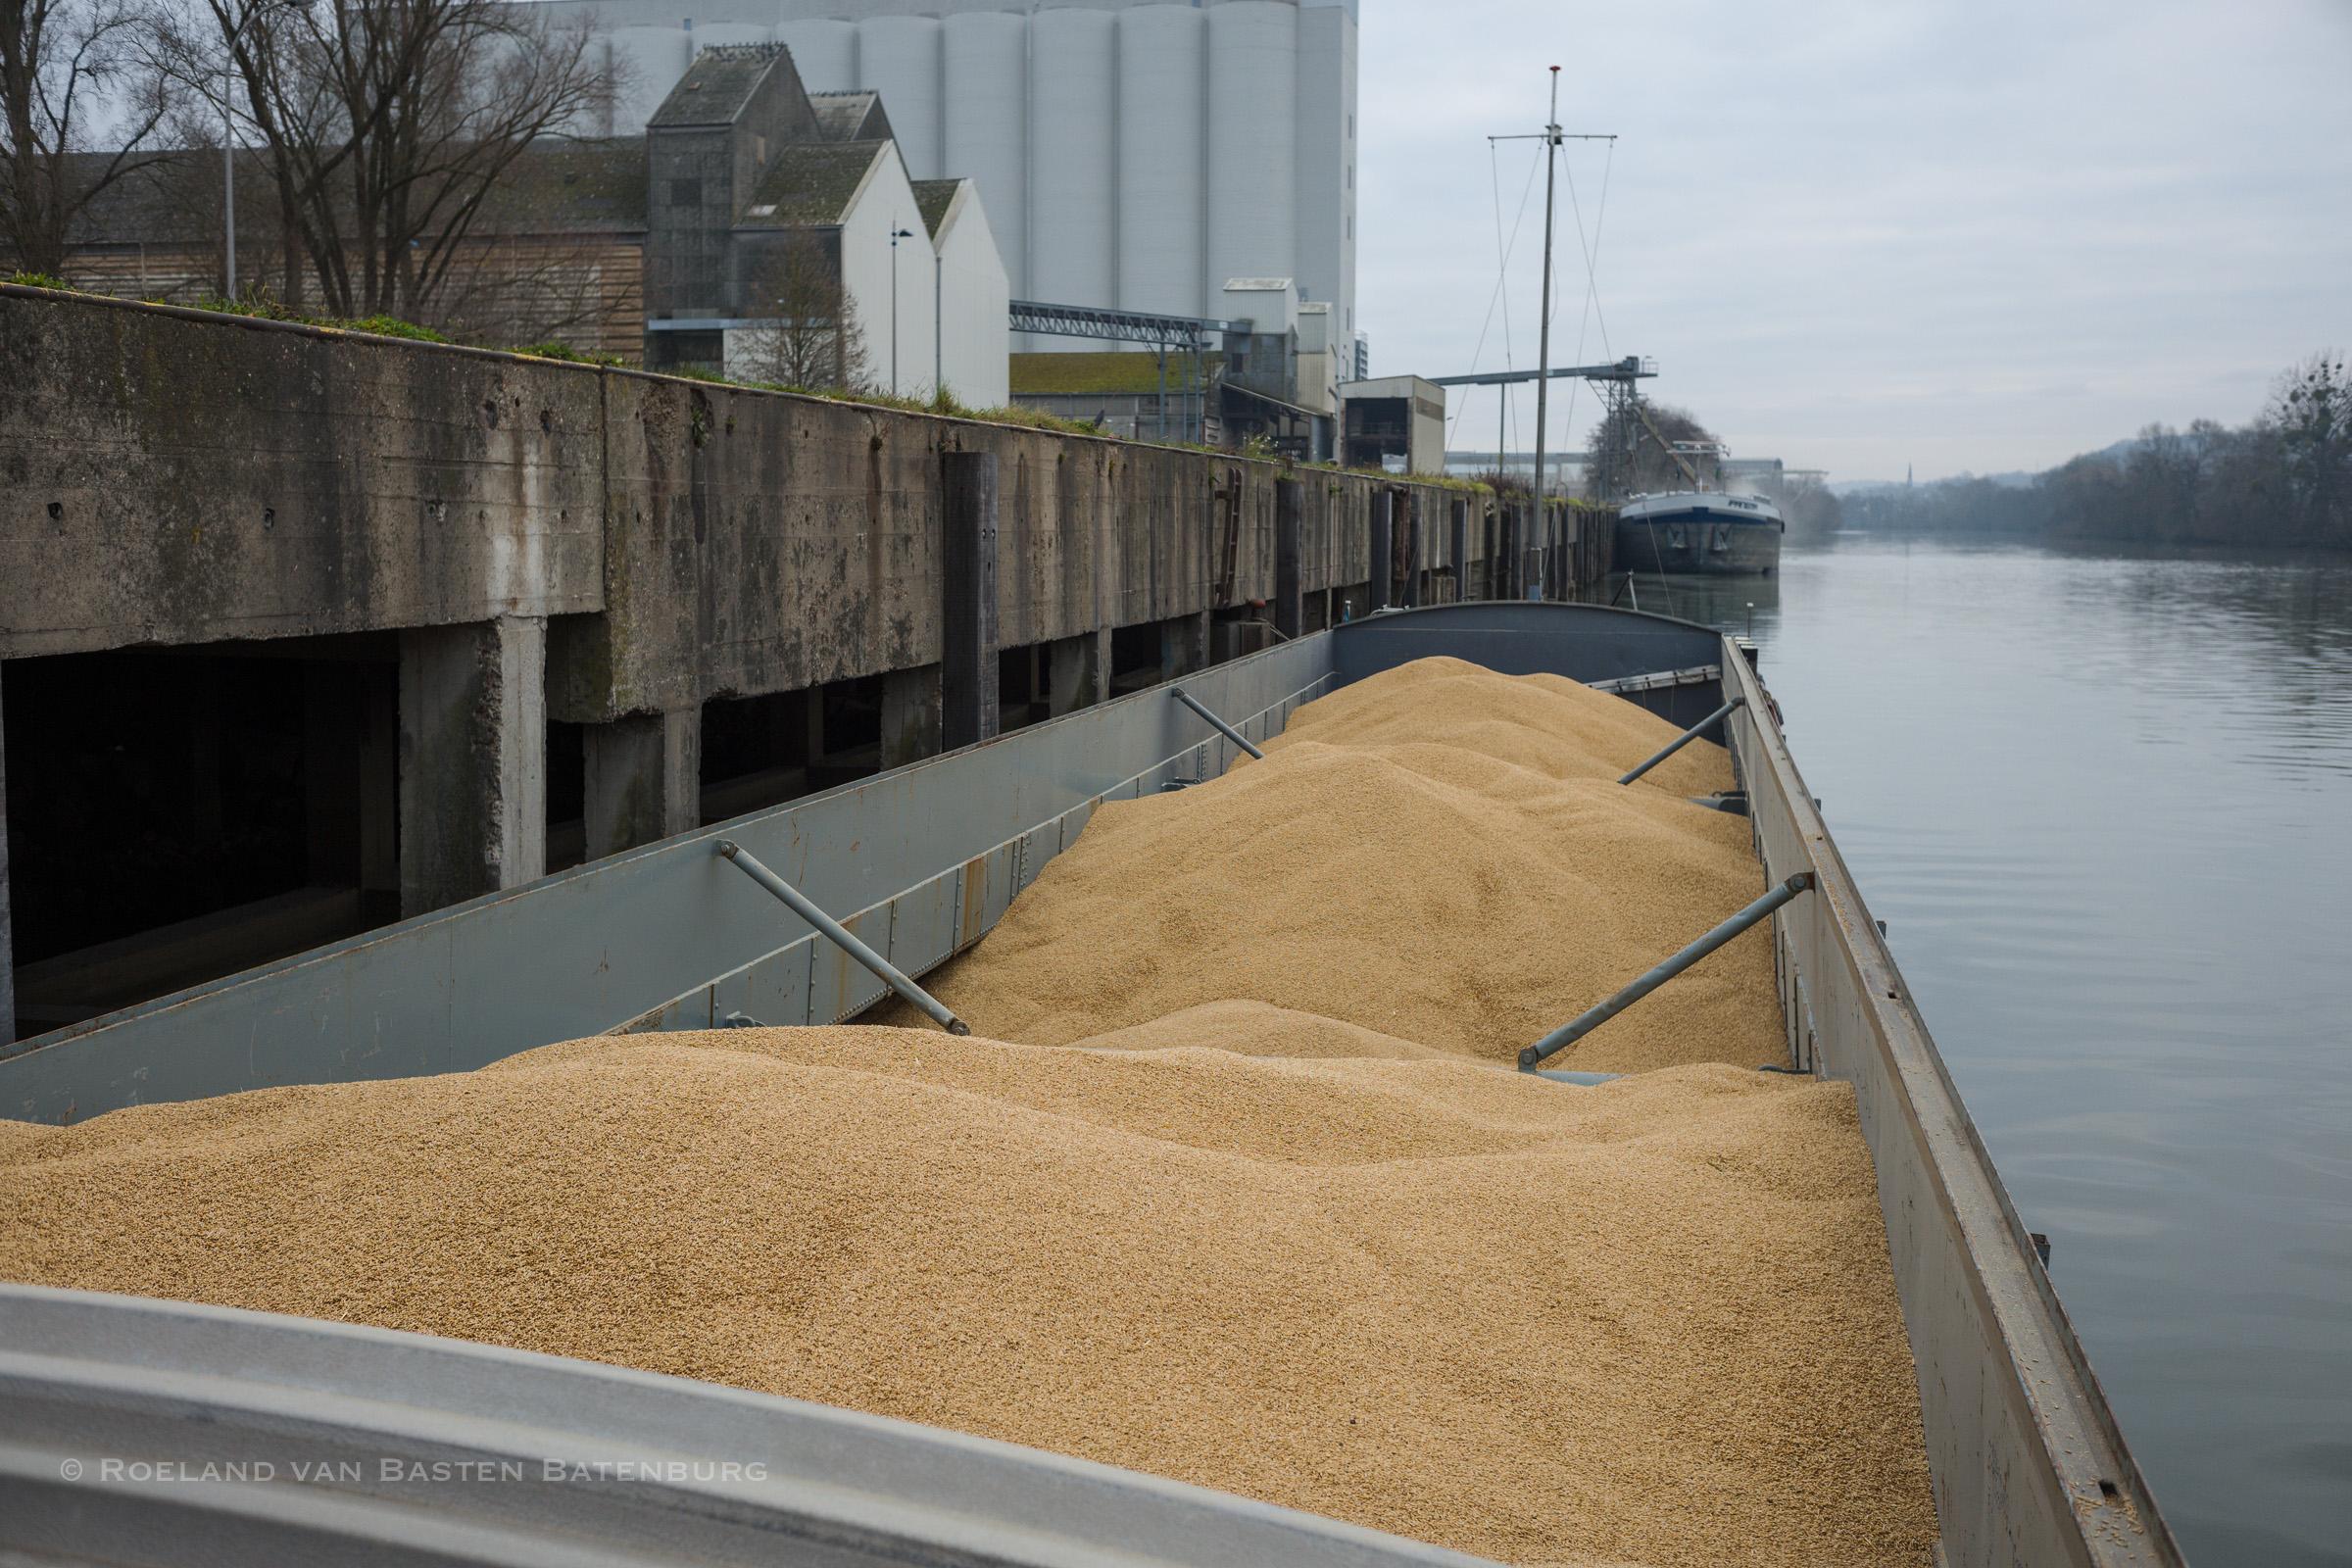 Geladen in Pont-Sainte-Maxence, 255 ton Brouwgerst. Meer kunnen we niet meenemen want de maximale diepgang voor onze bestemming in Helmond is 1.90 m en met deze tonnage liggen we gemiddeld 1.86 m. Een schip laad nooit helemaal recht, ons diepste punt is 1.88 m .